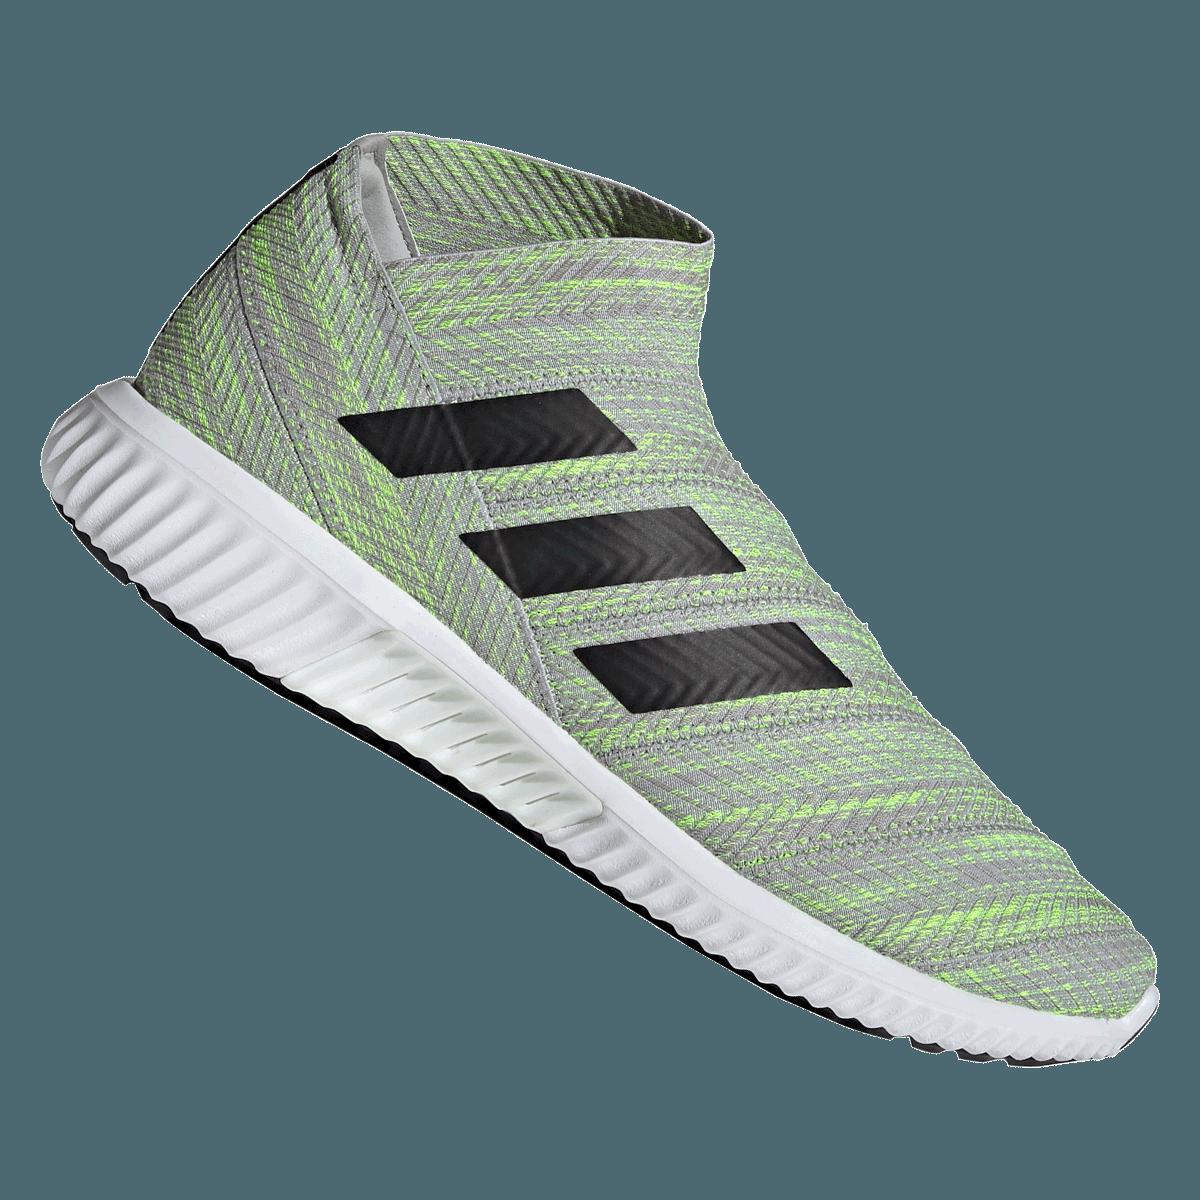 Ingyenes képek : fű, cipő, fehér, zöld, fekete